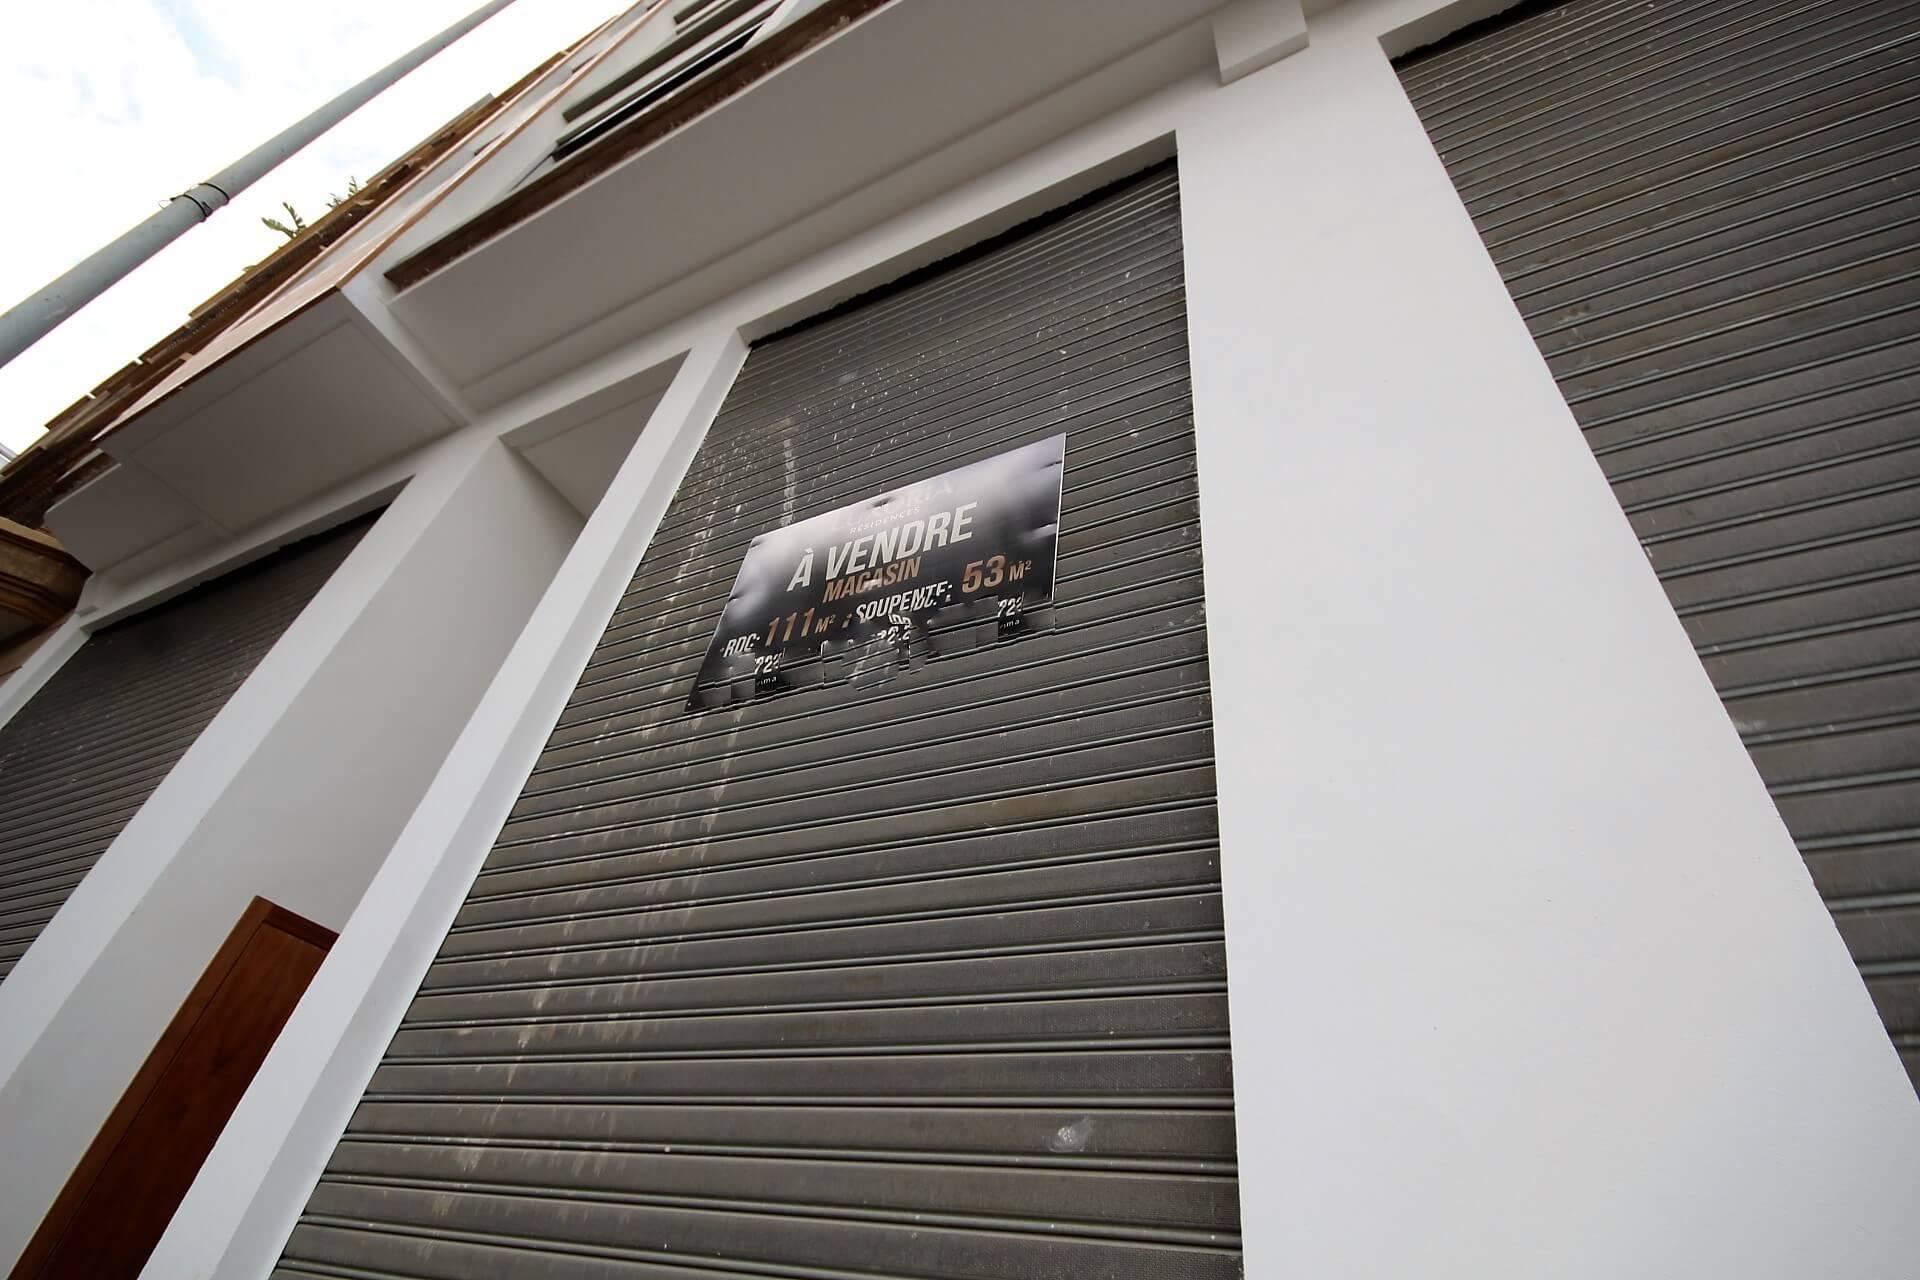 à Louer magasin avec 7 m de hauteur d'une superficie 111 m² avec 53 m² soupente